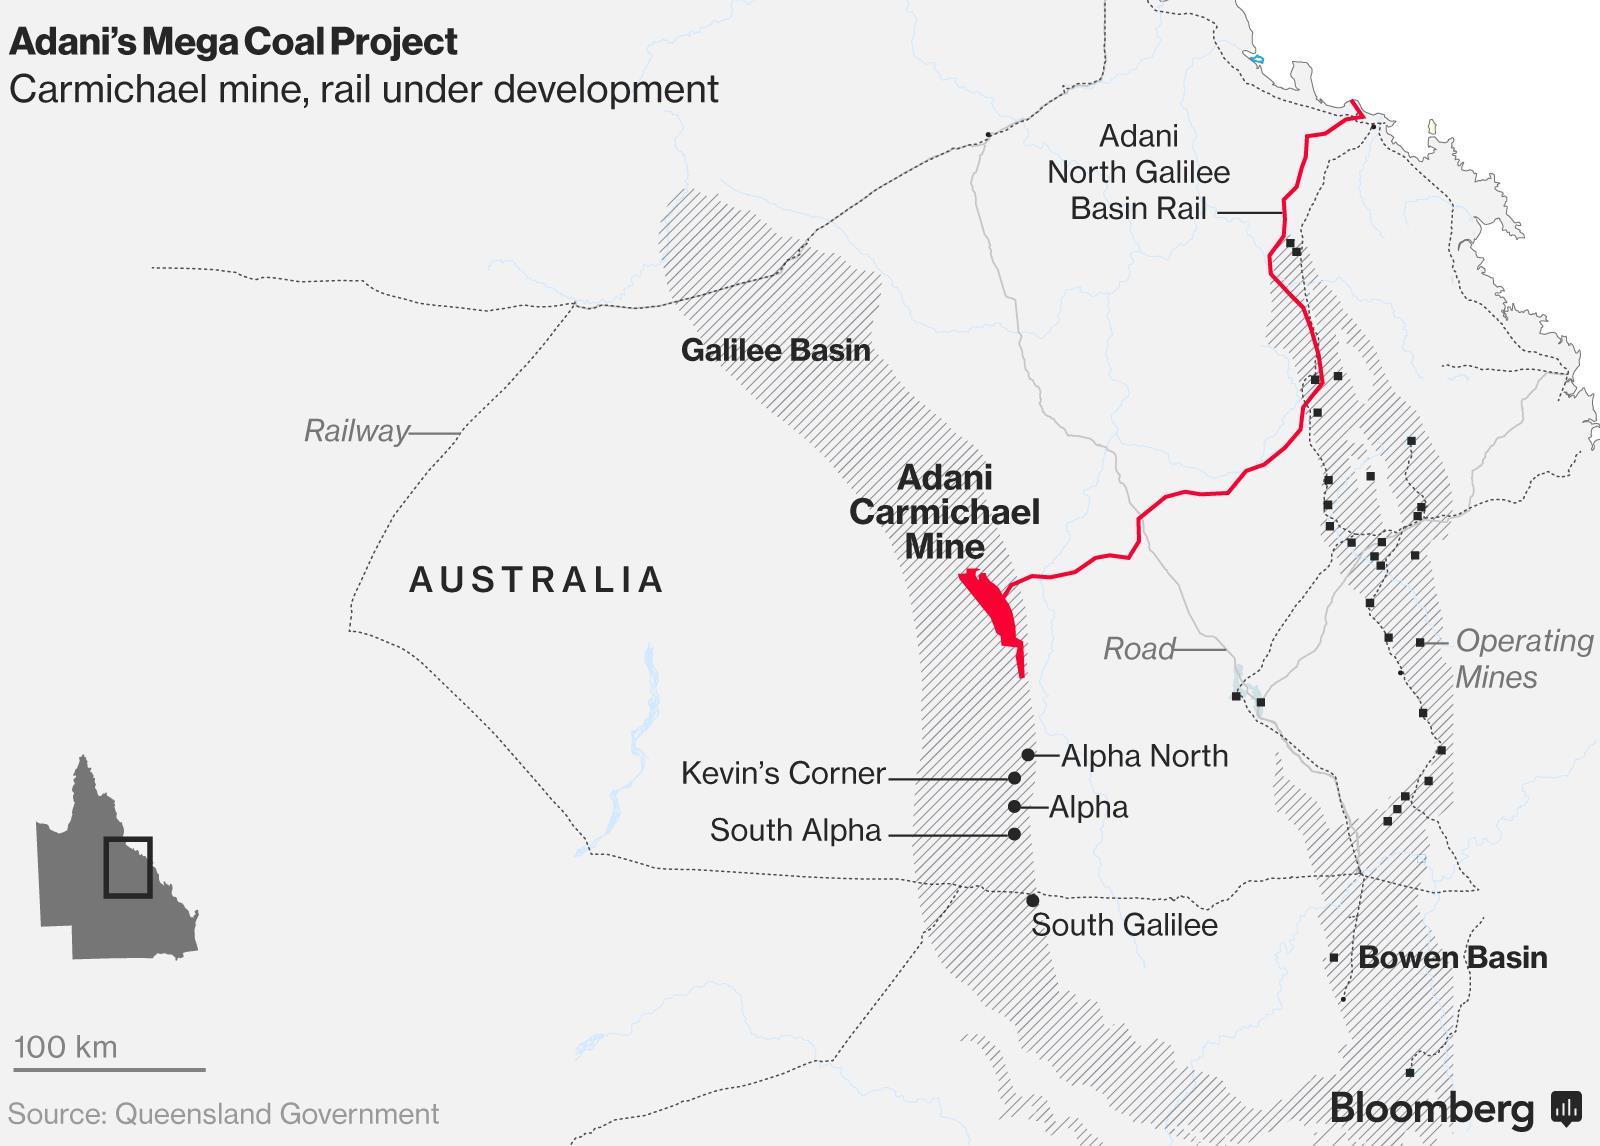 融资延迟 阿达尼拟售澳洲煤炭项目少数股份自救